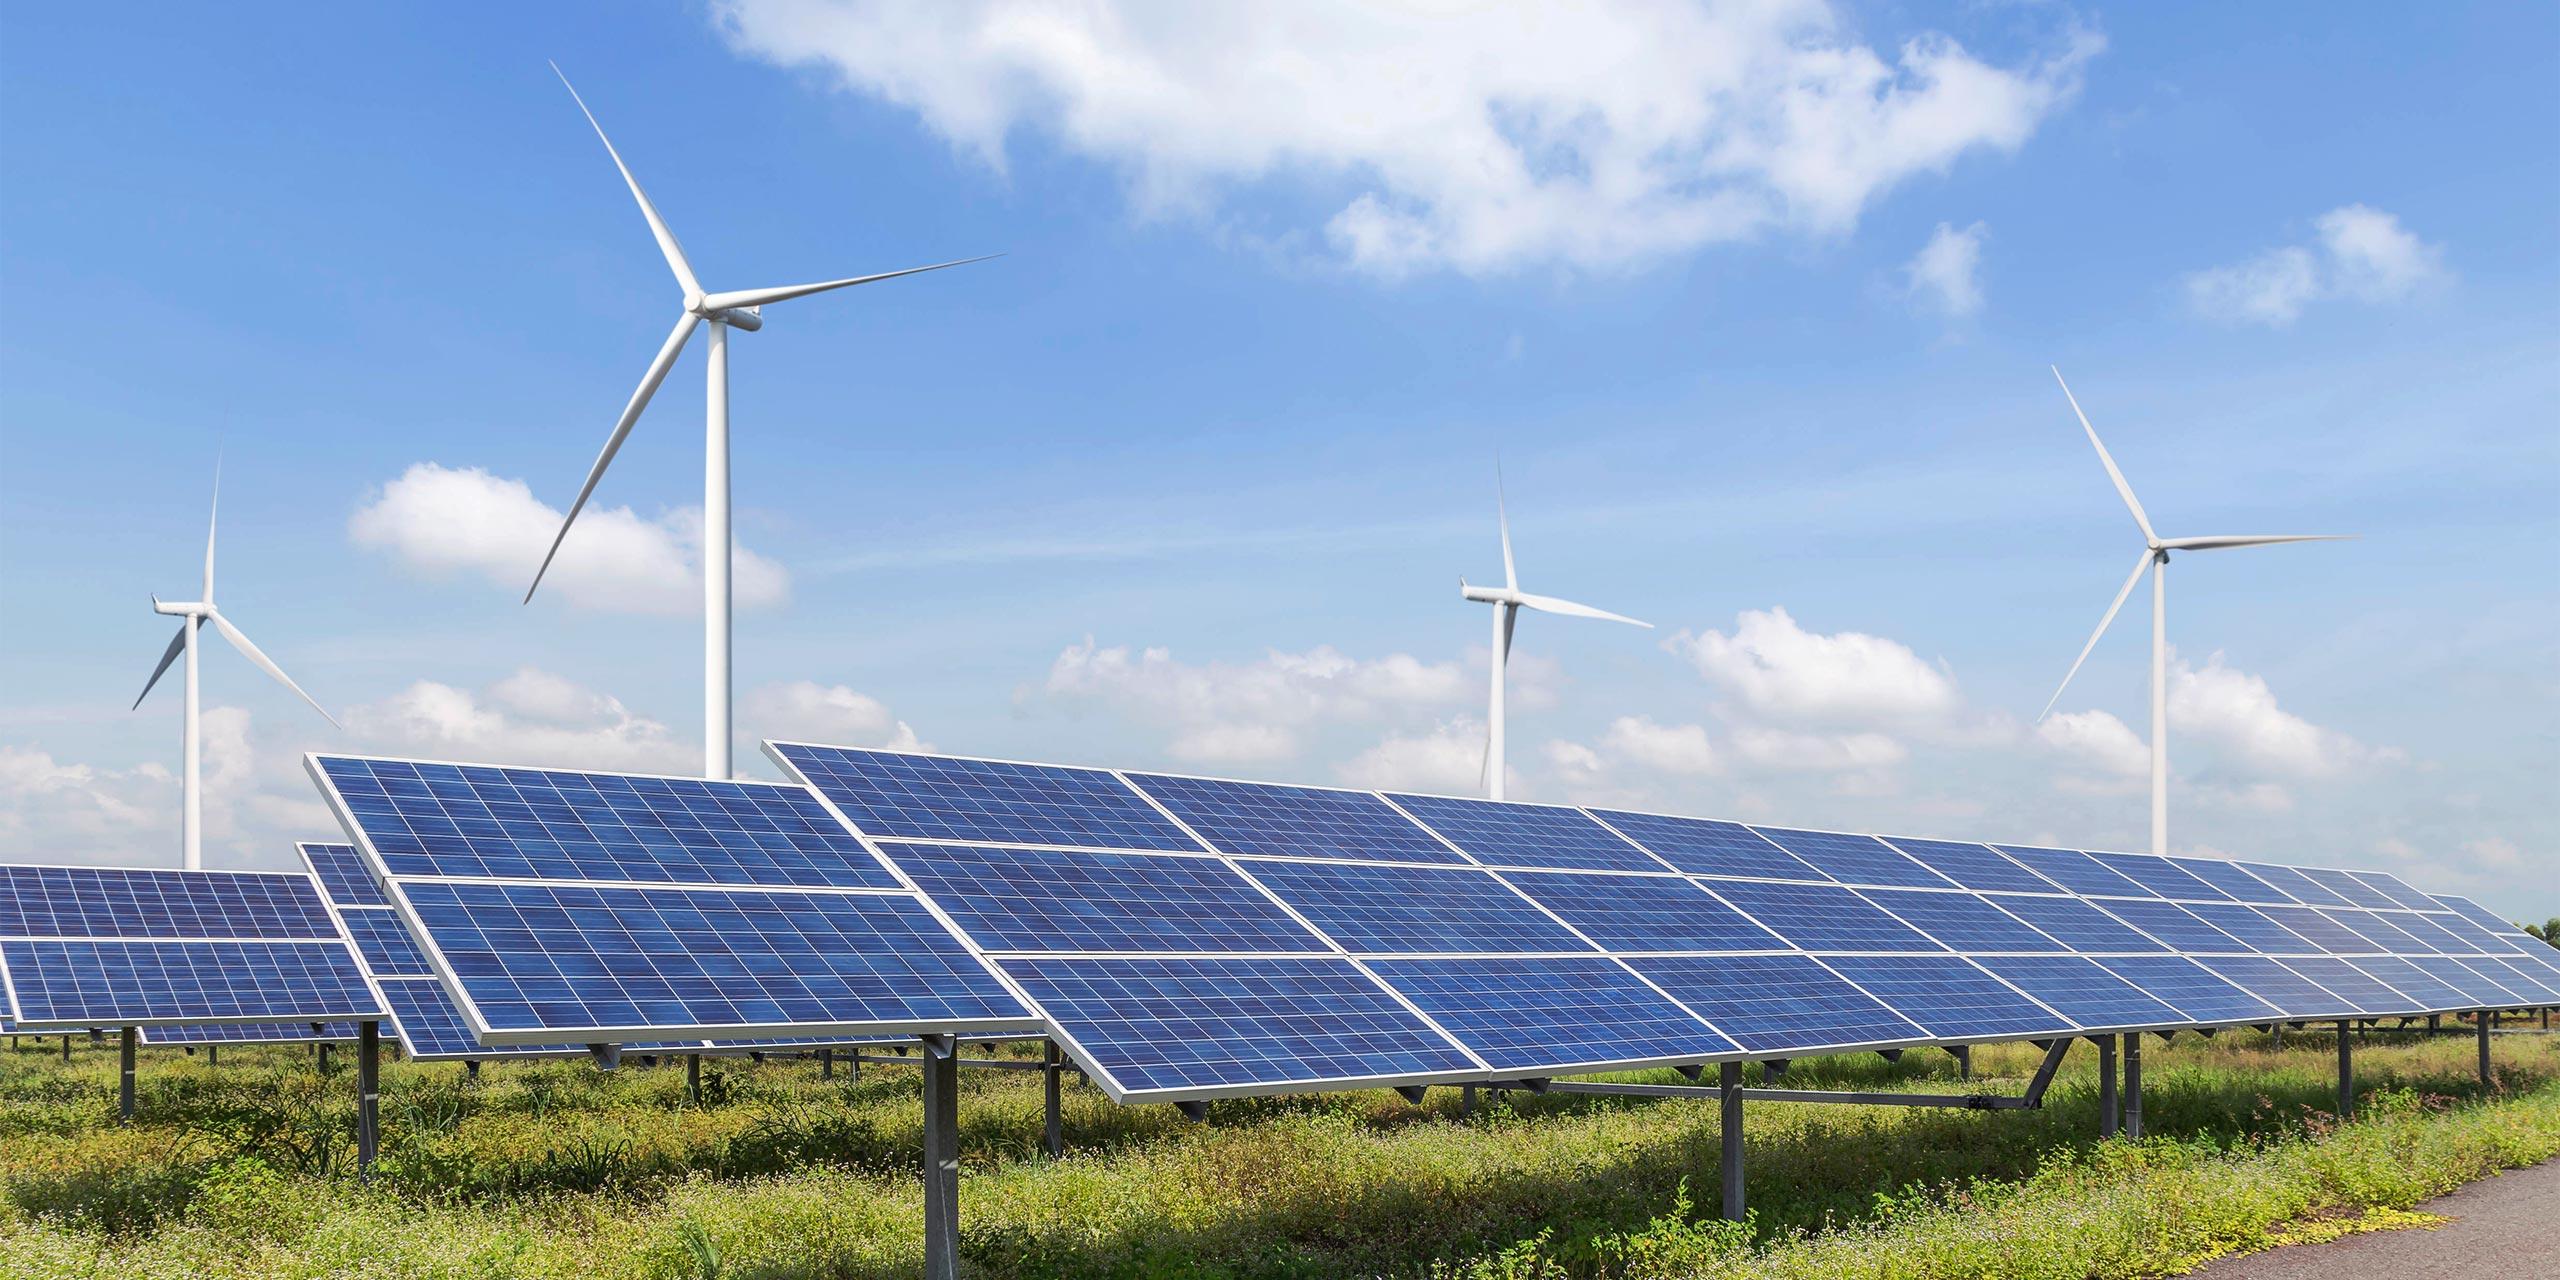 Windräder und Solaranlagen, symbolisch für die Nutzung der Quellen von erneuerbaren Energien.